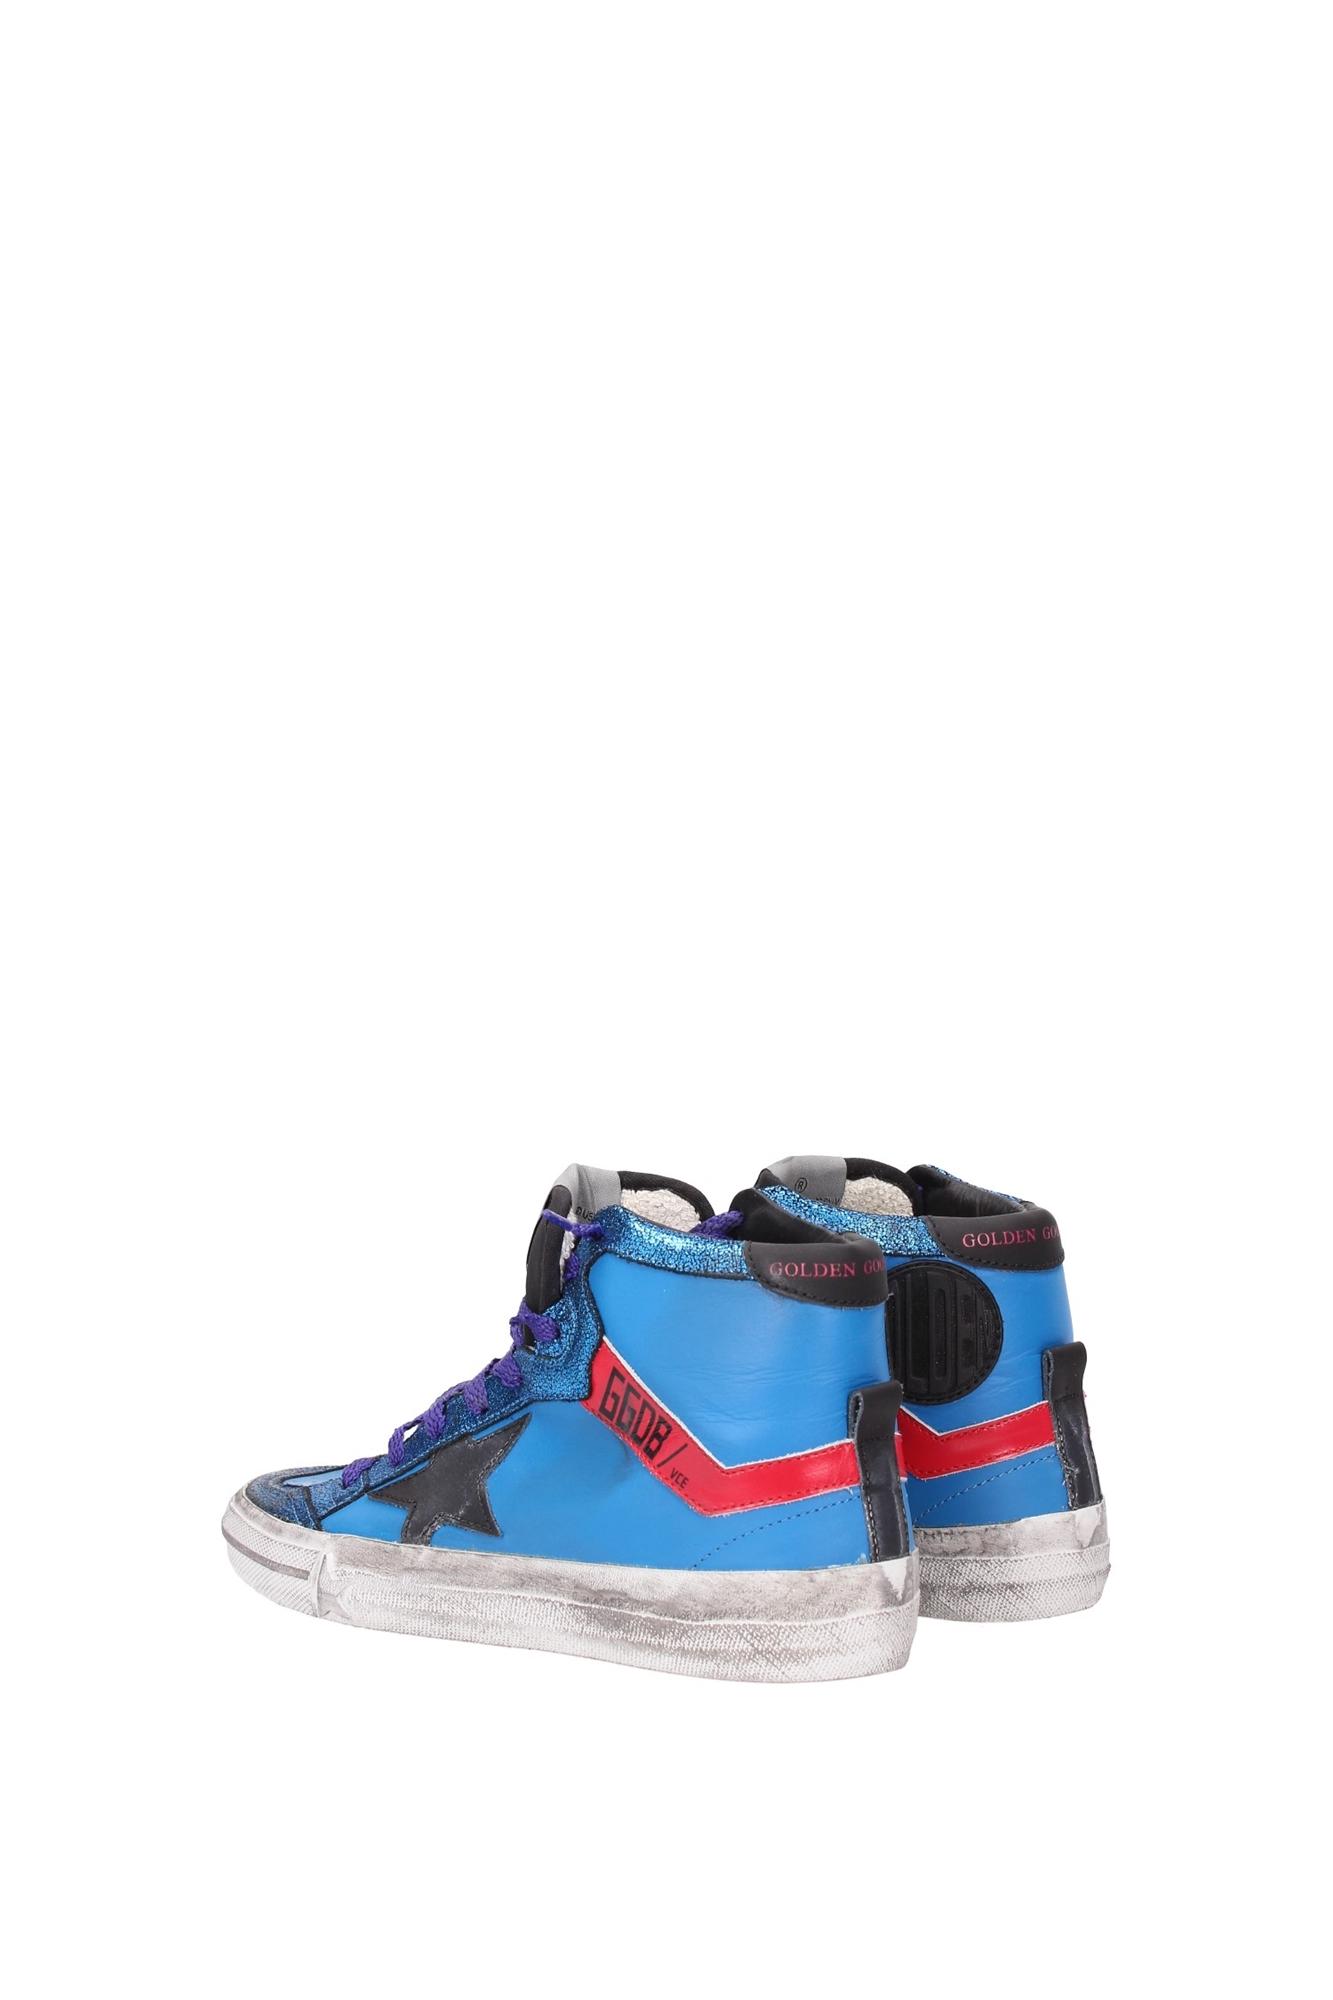 sneakers golden goose damen leder blau g26d129e7 ebay. Black Bedroom Furniture Sets. Home Design Ideas